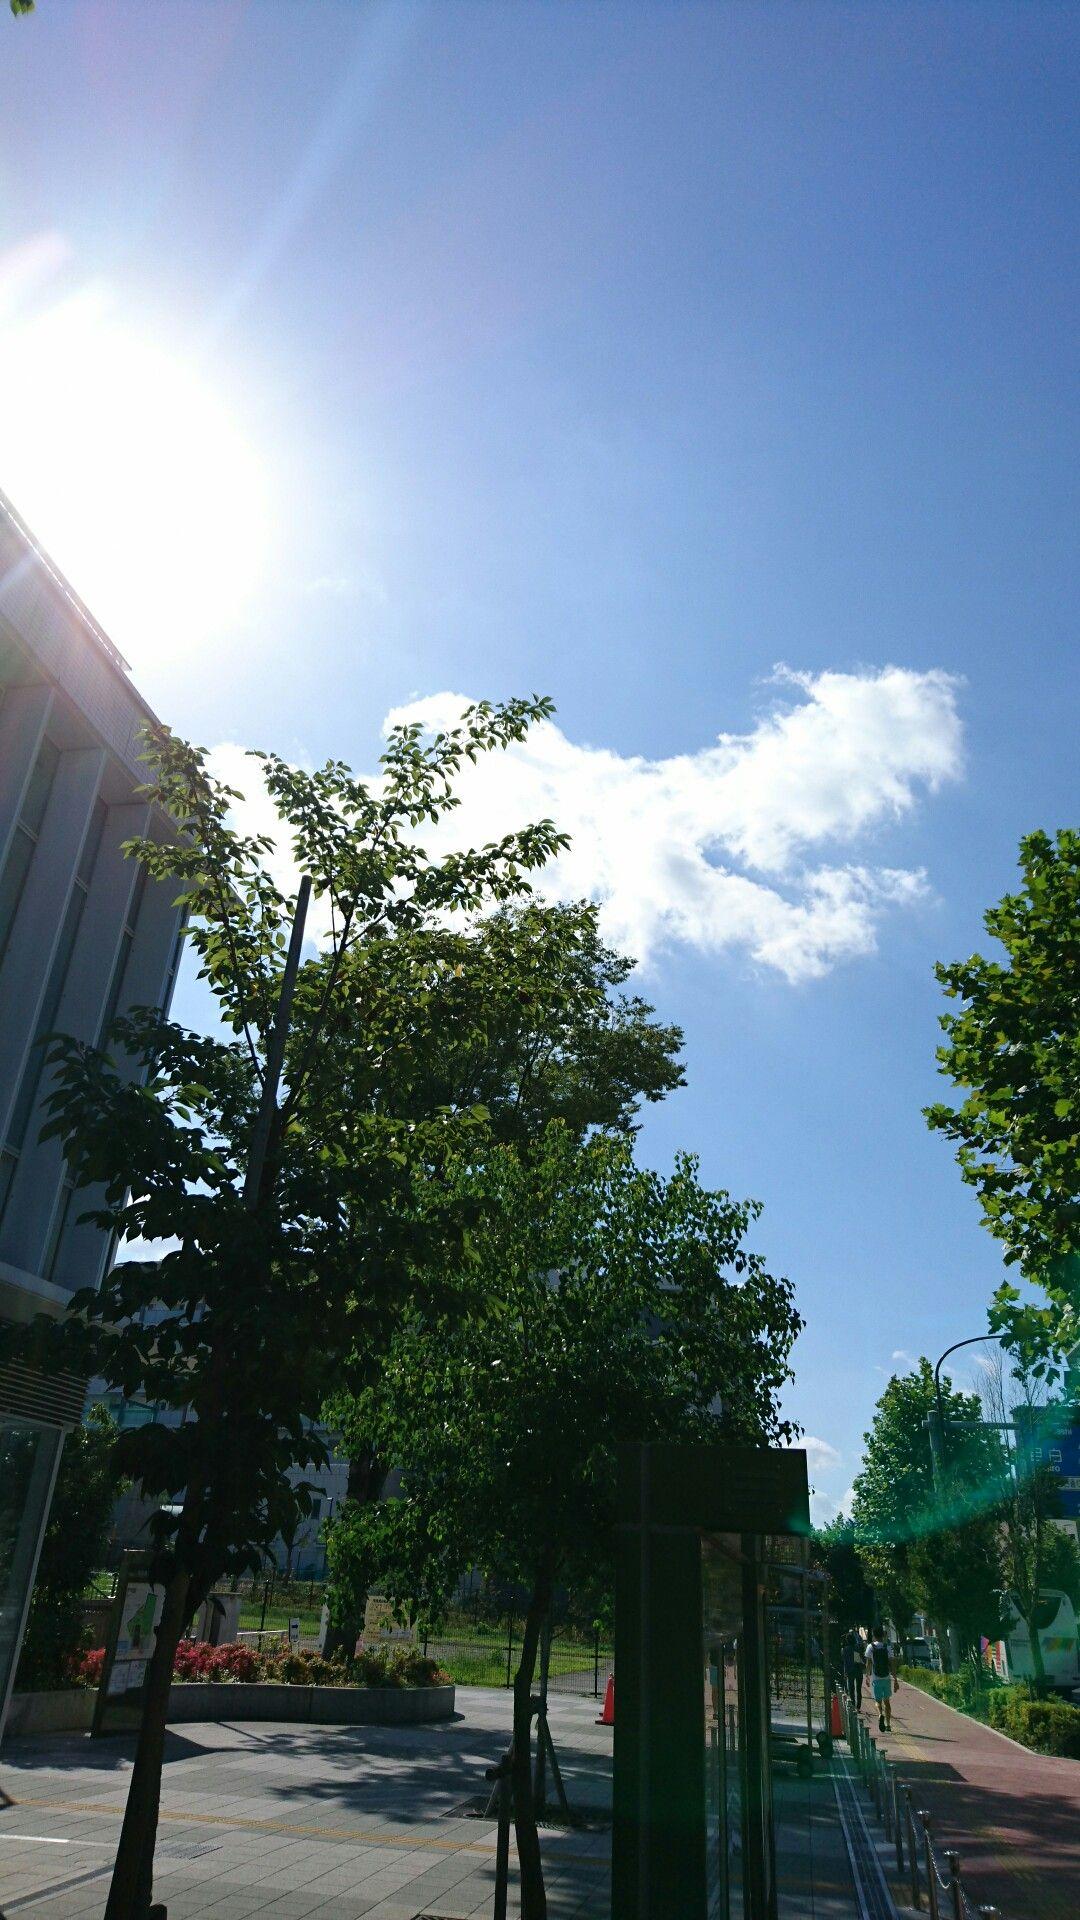 Pin oleh arini syanti di tokyo sky cloud Fotografi